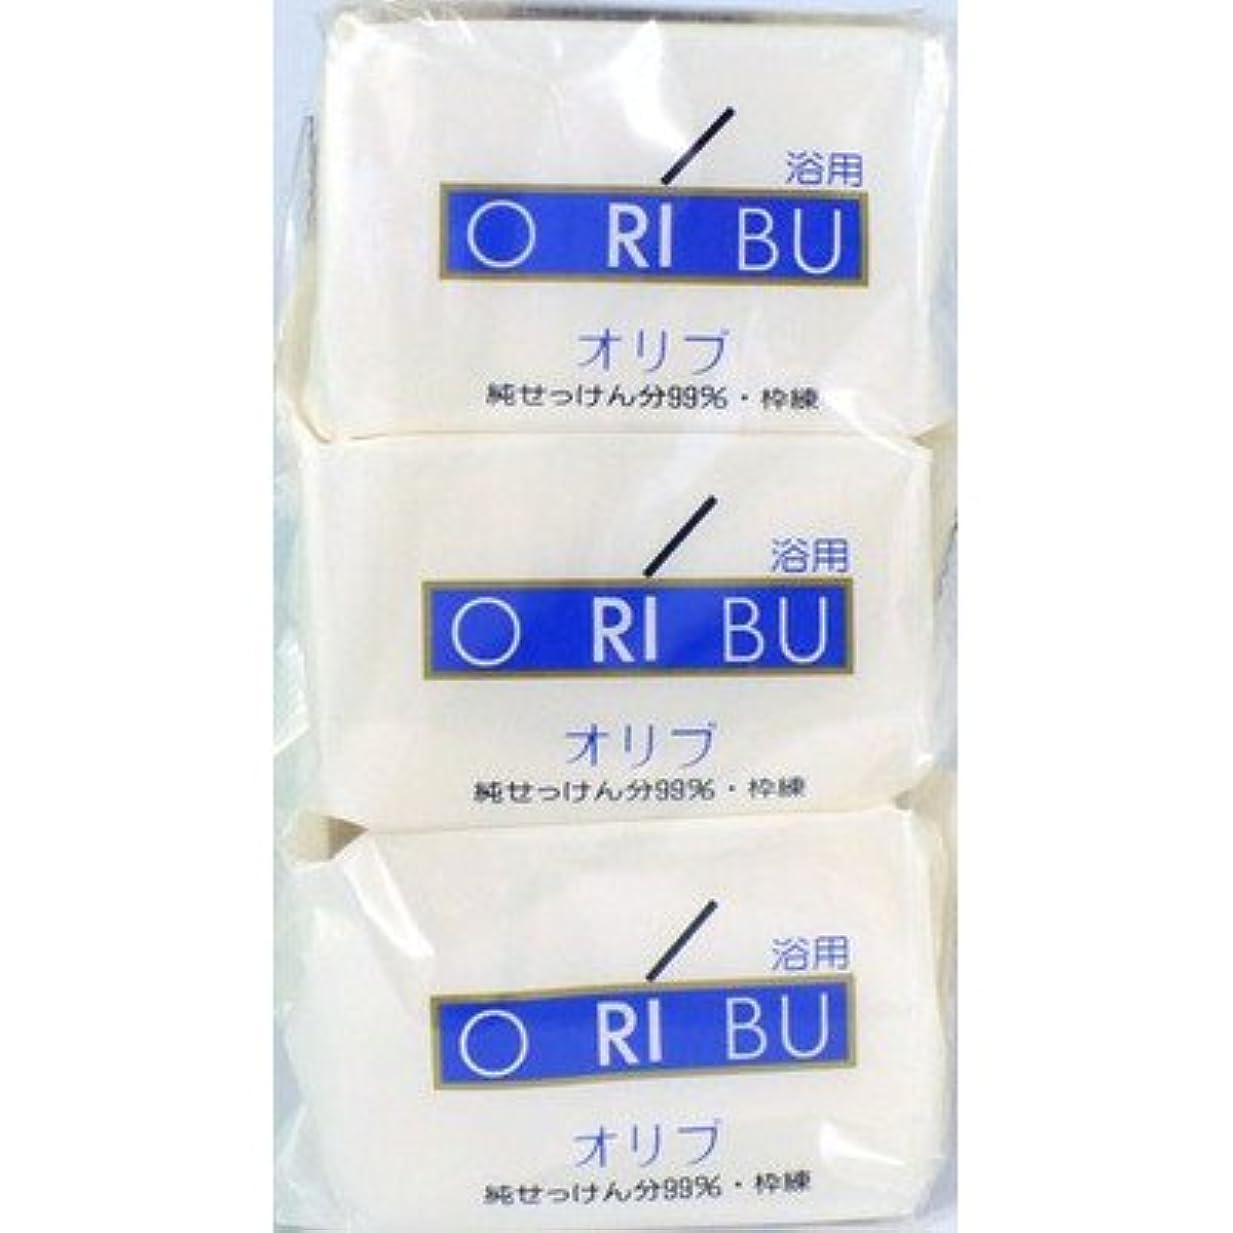 結婚した神学校コードレス暁石鹸 ORIBU オリブ 浴用石鹸 110g 3個入り